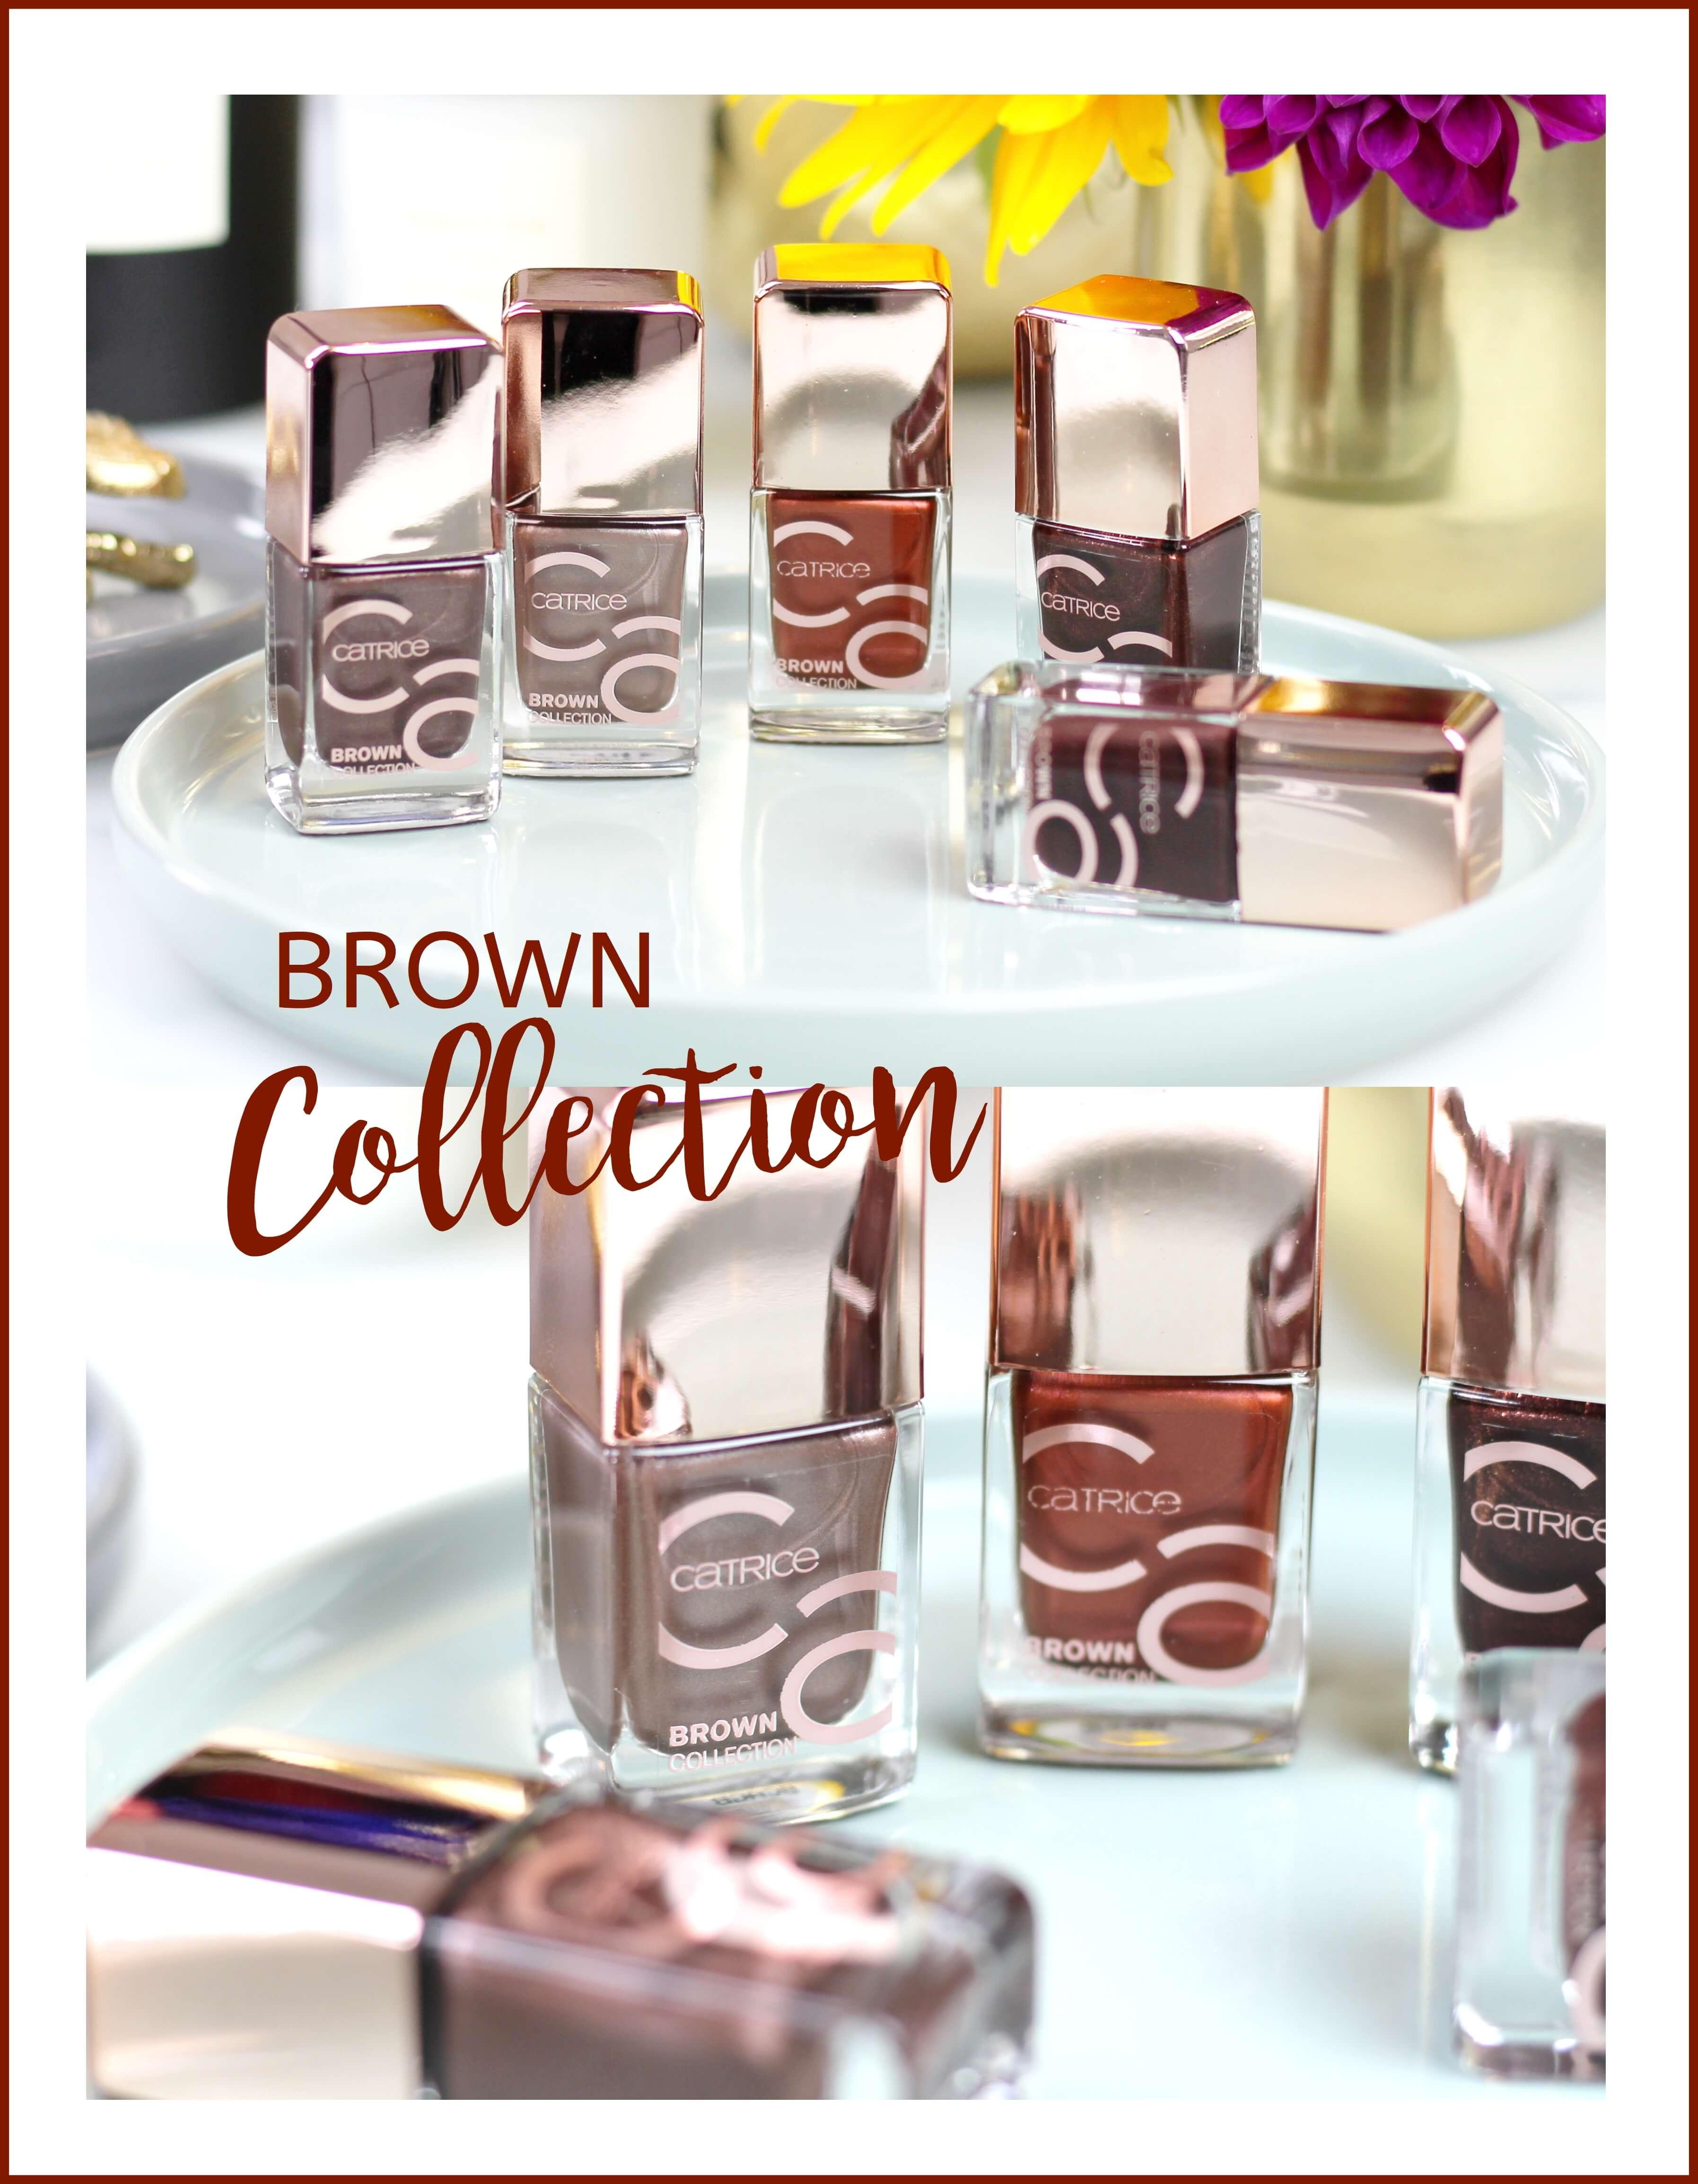 catrice-neuheiten-herbst-winter-2017-brown-collection-nagellacke